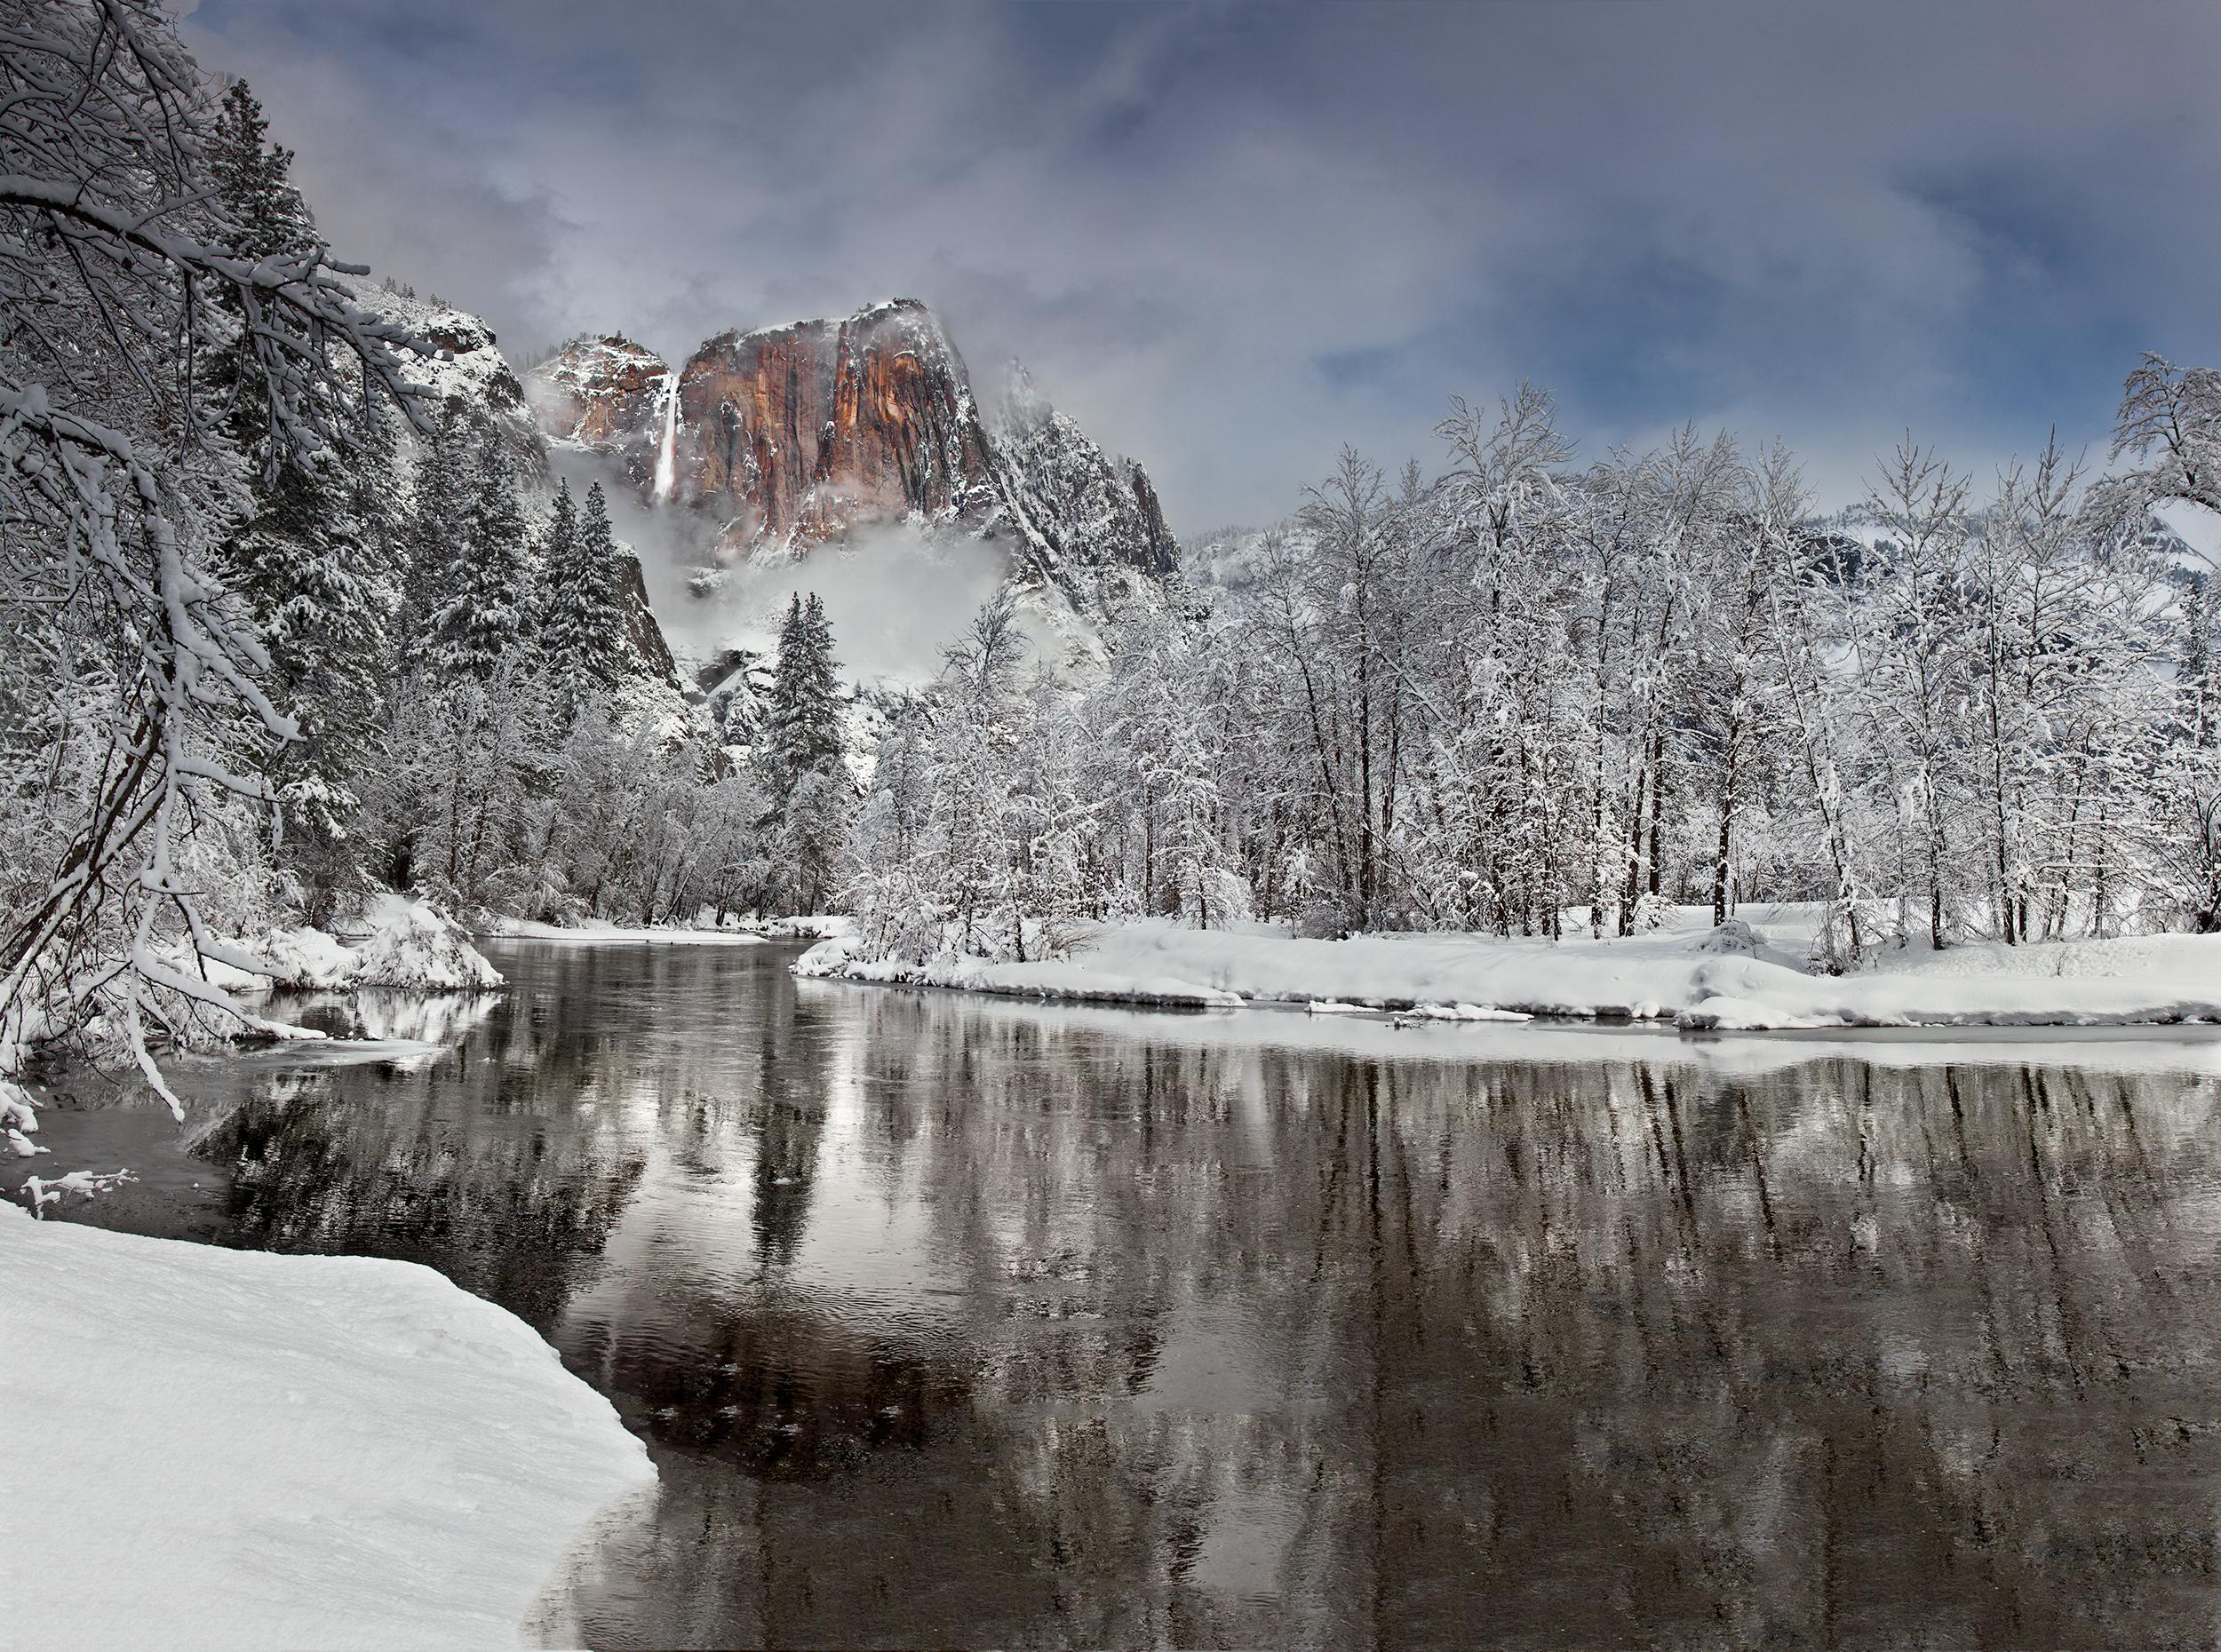 Yosemite Falls and Winter Reflection (7288-92)